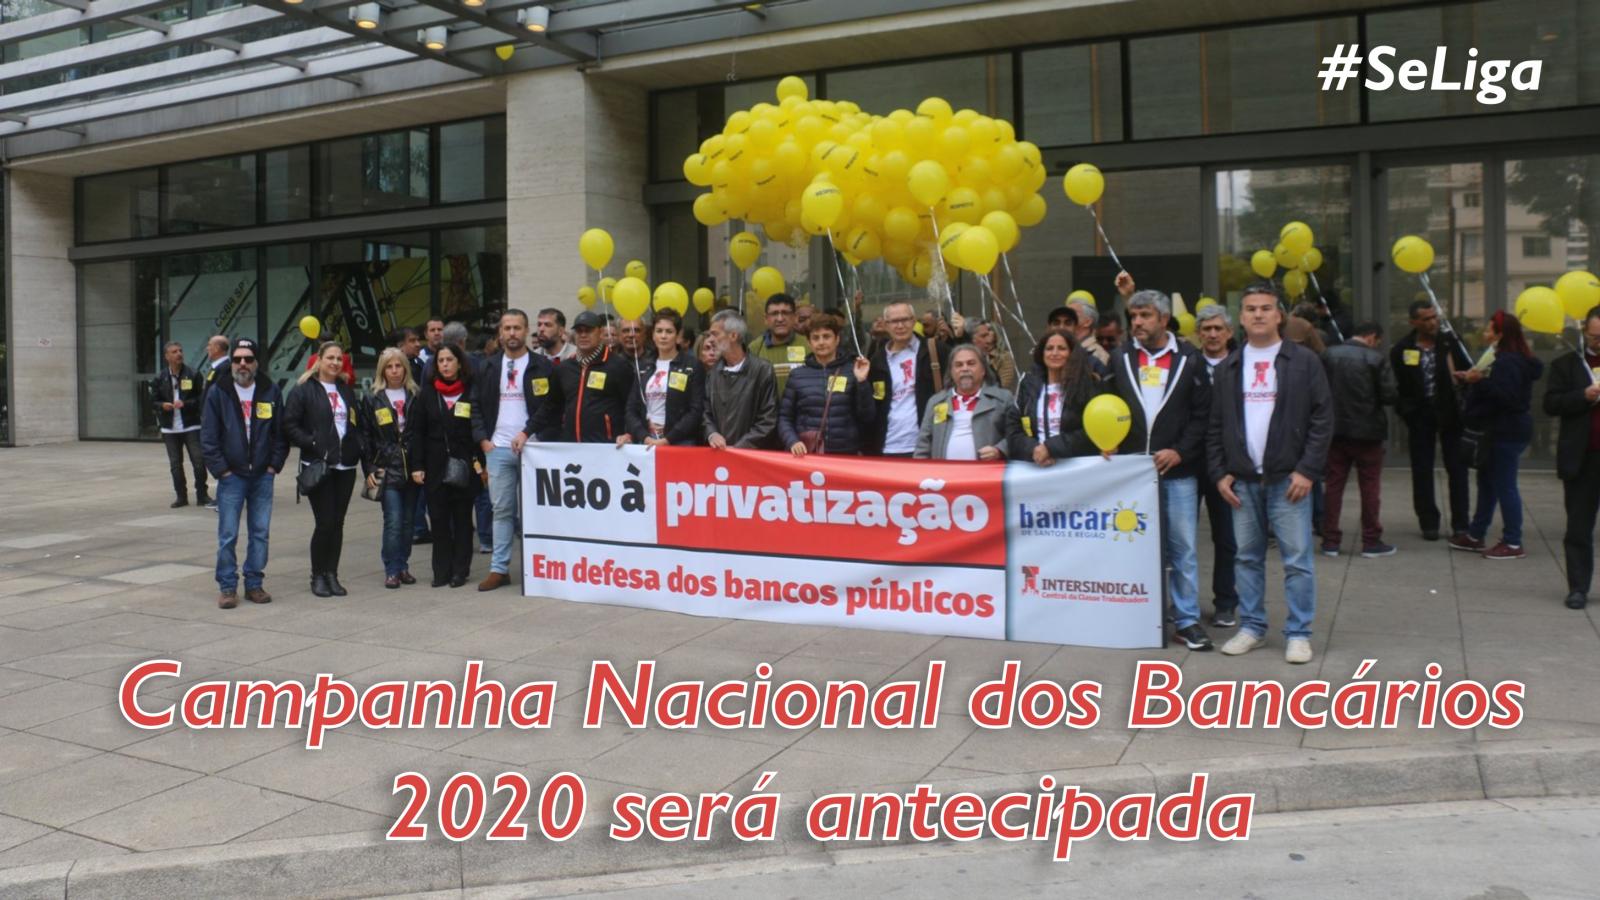 Campanha Nacional dos Bancários será antecipada